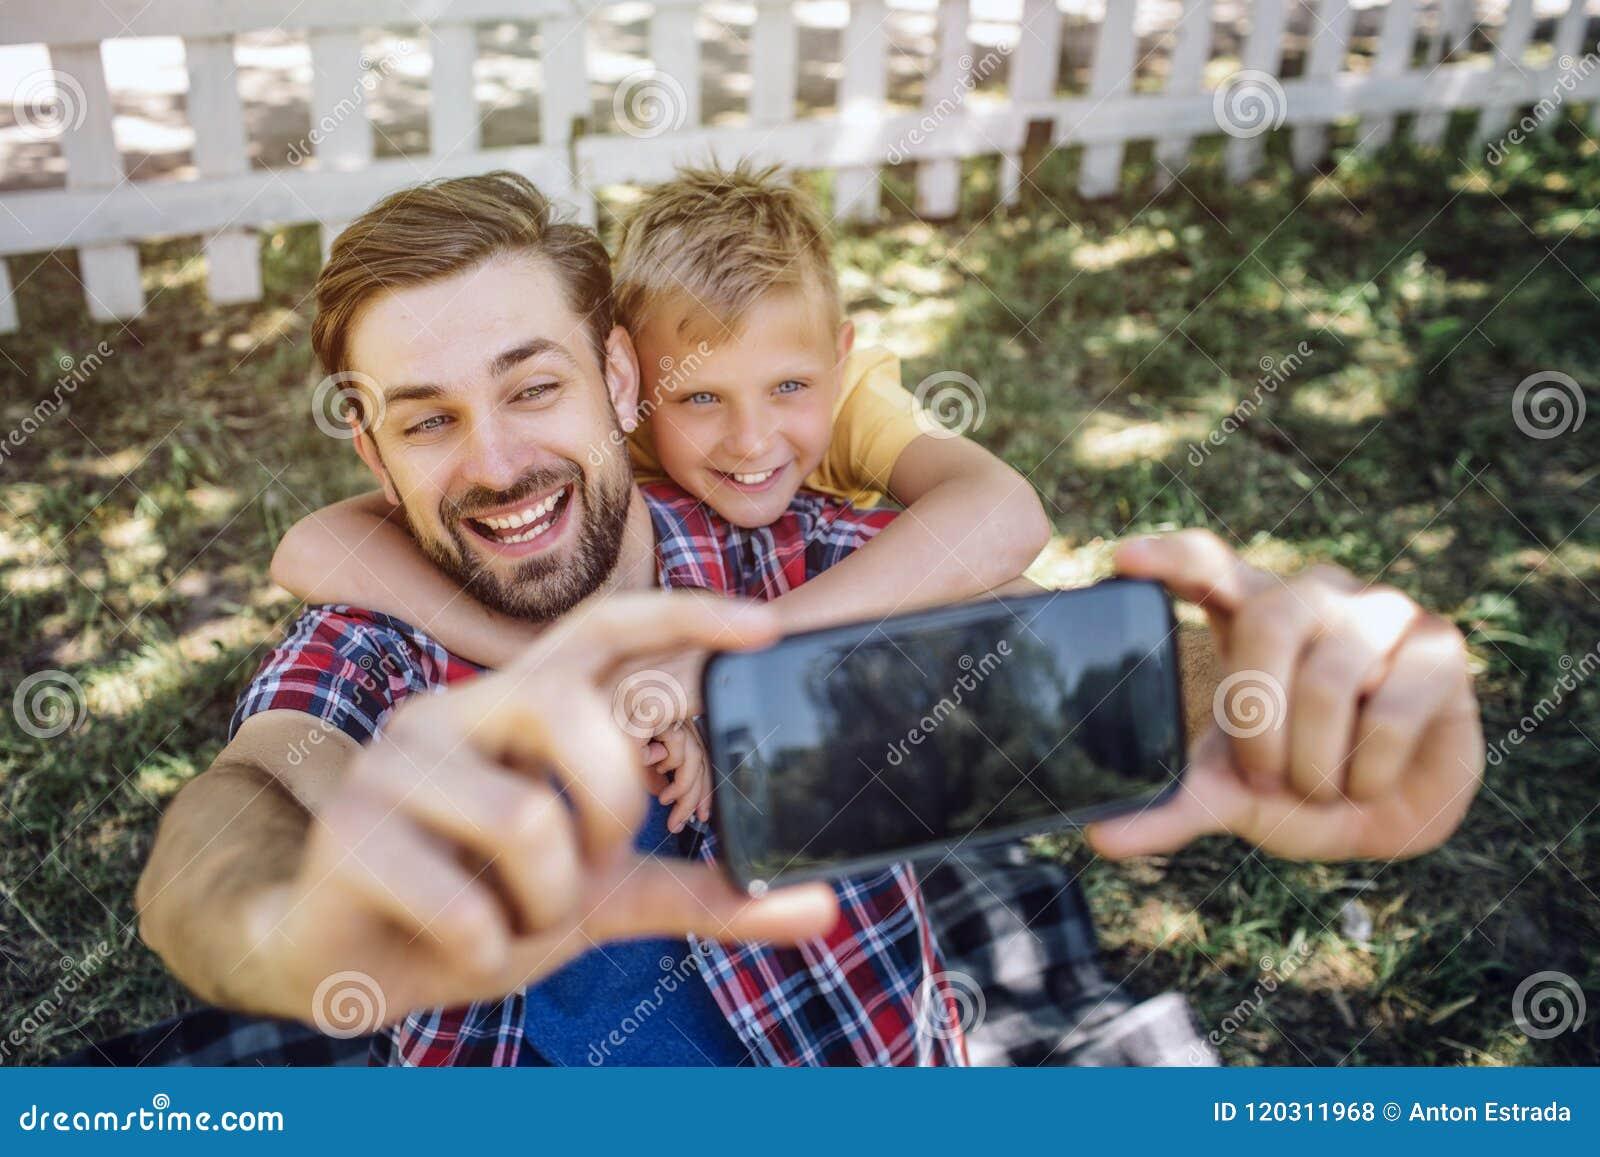 Adult phone fun